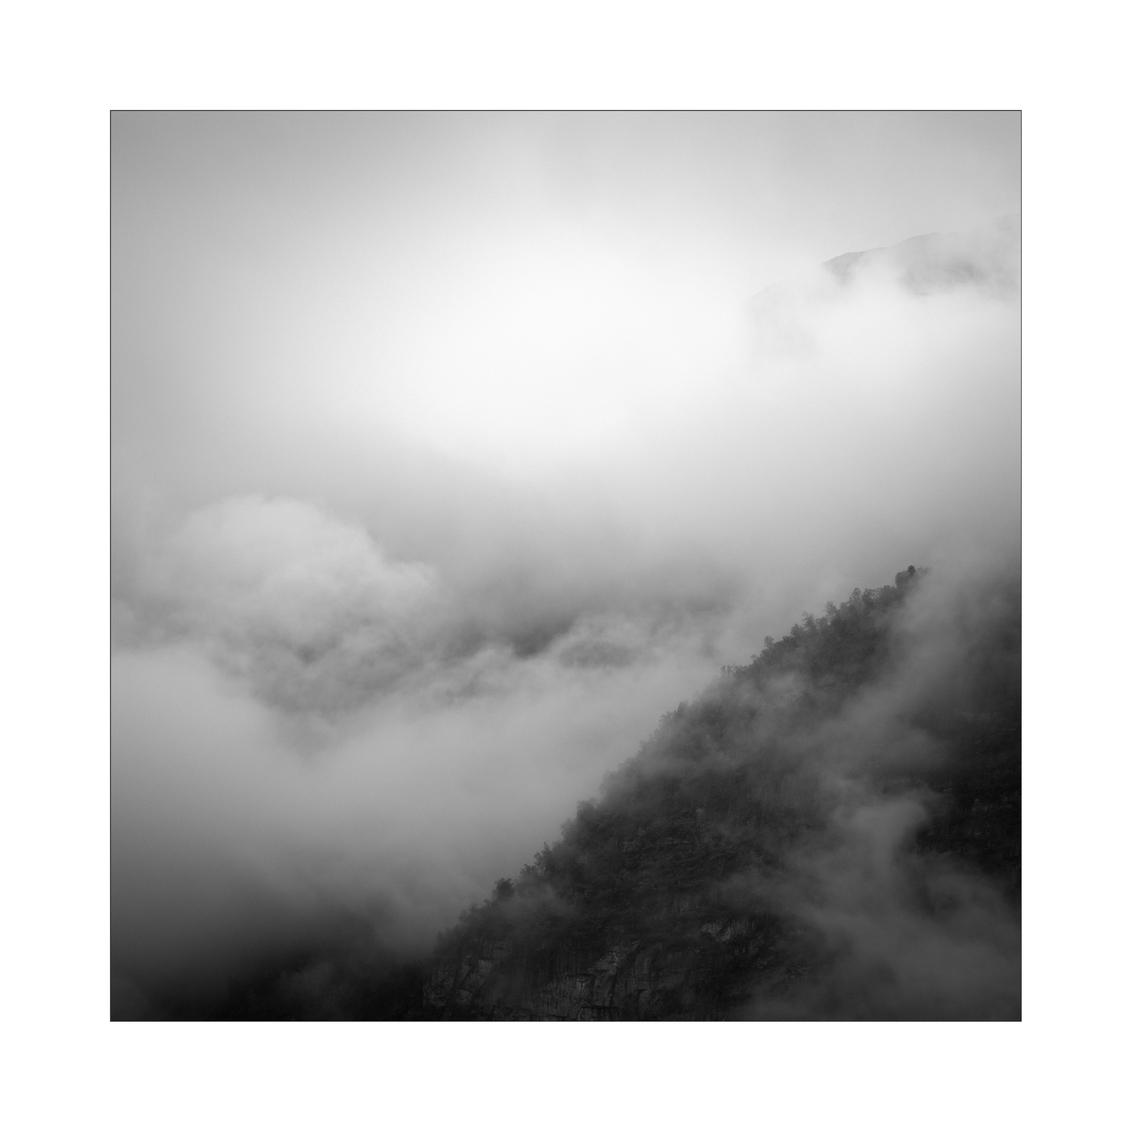 Northern Spirit - - - foto door Joshua181 op 02-09-2017 - deze foto bevat: lucht, wolken, natuur, licht, landschap, mist, bos, bergen, noorwegen